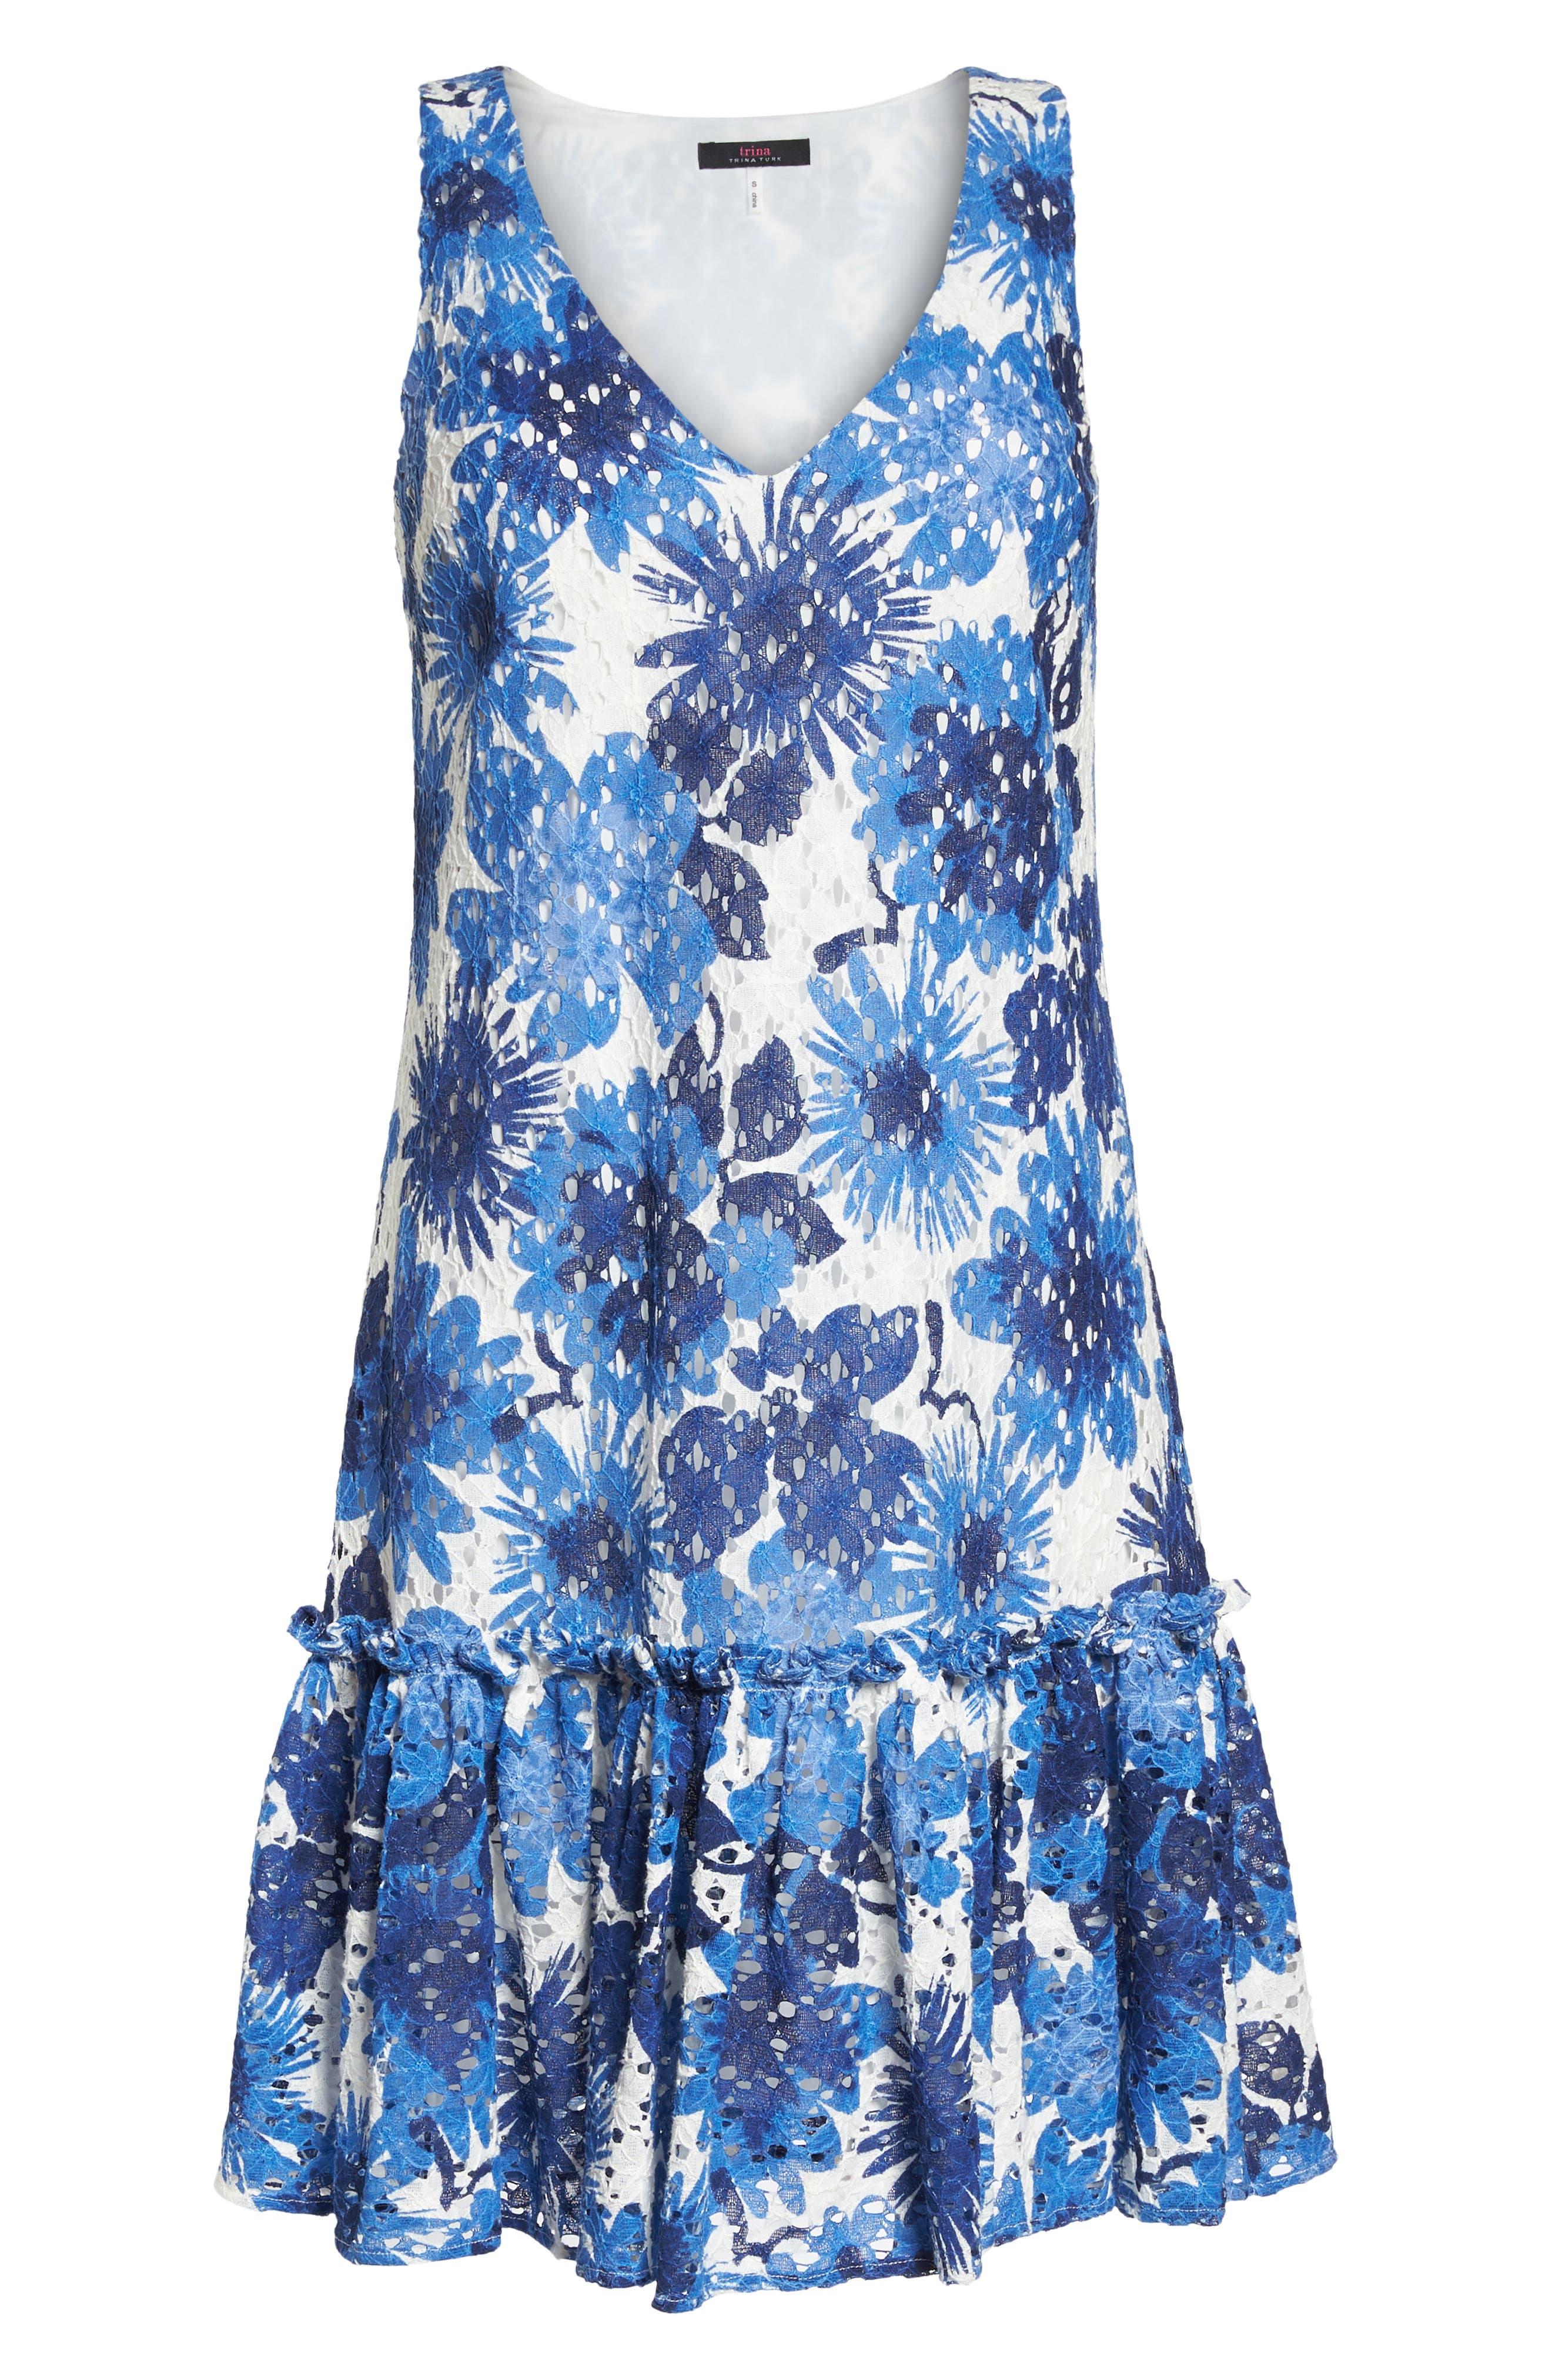 La Costa Print Ruffle Hem Lace Dress,                             Alternate thumbnail 6, color,                             MULTI